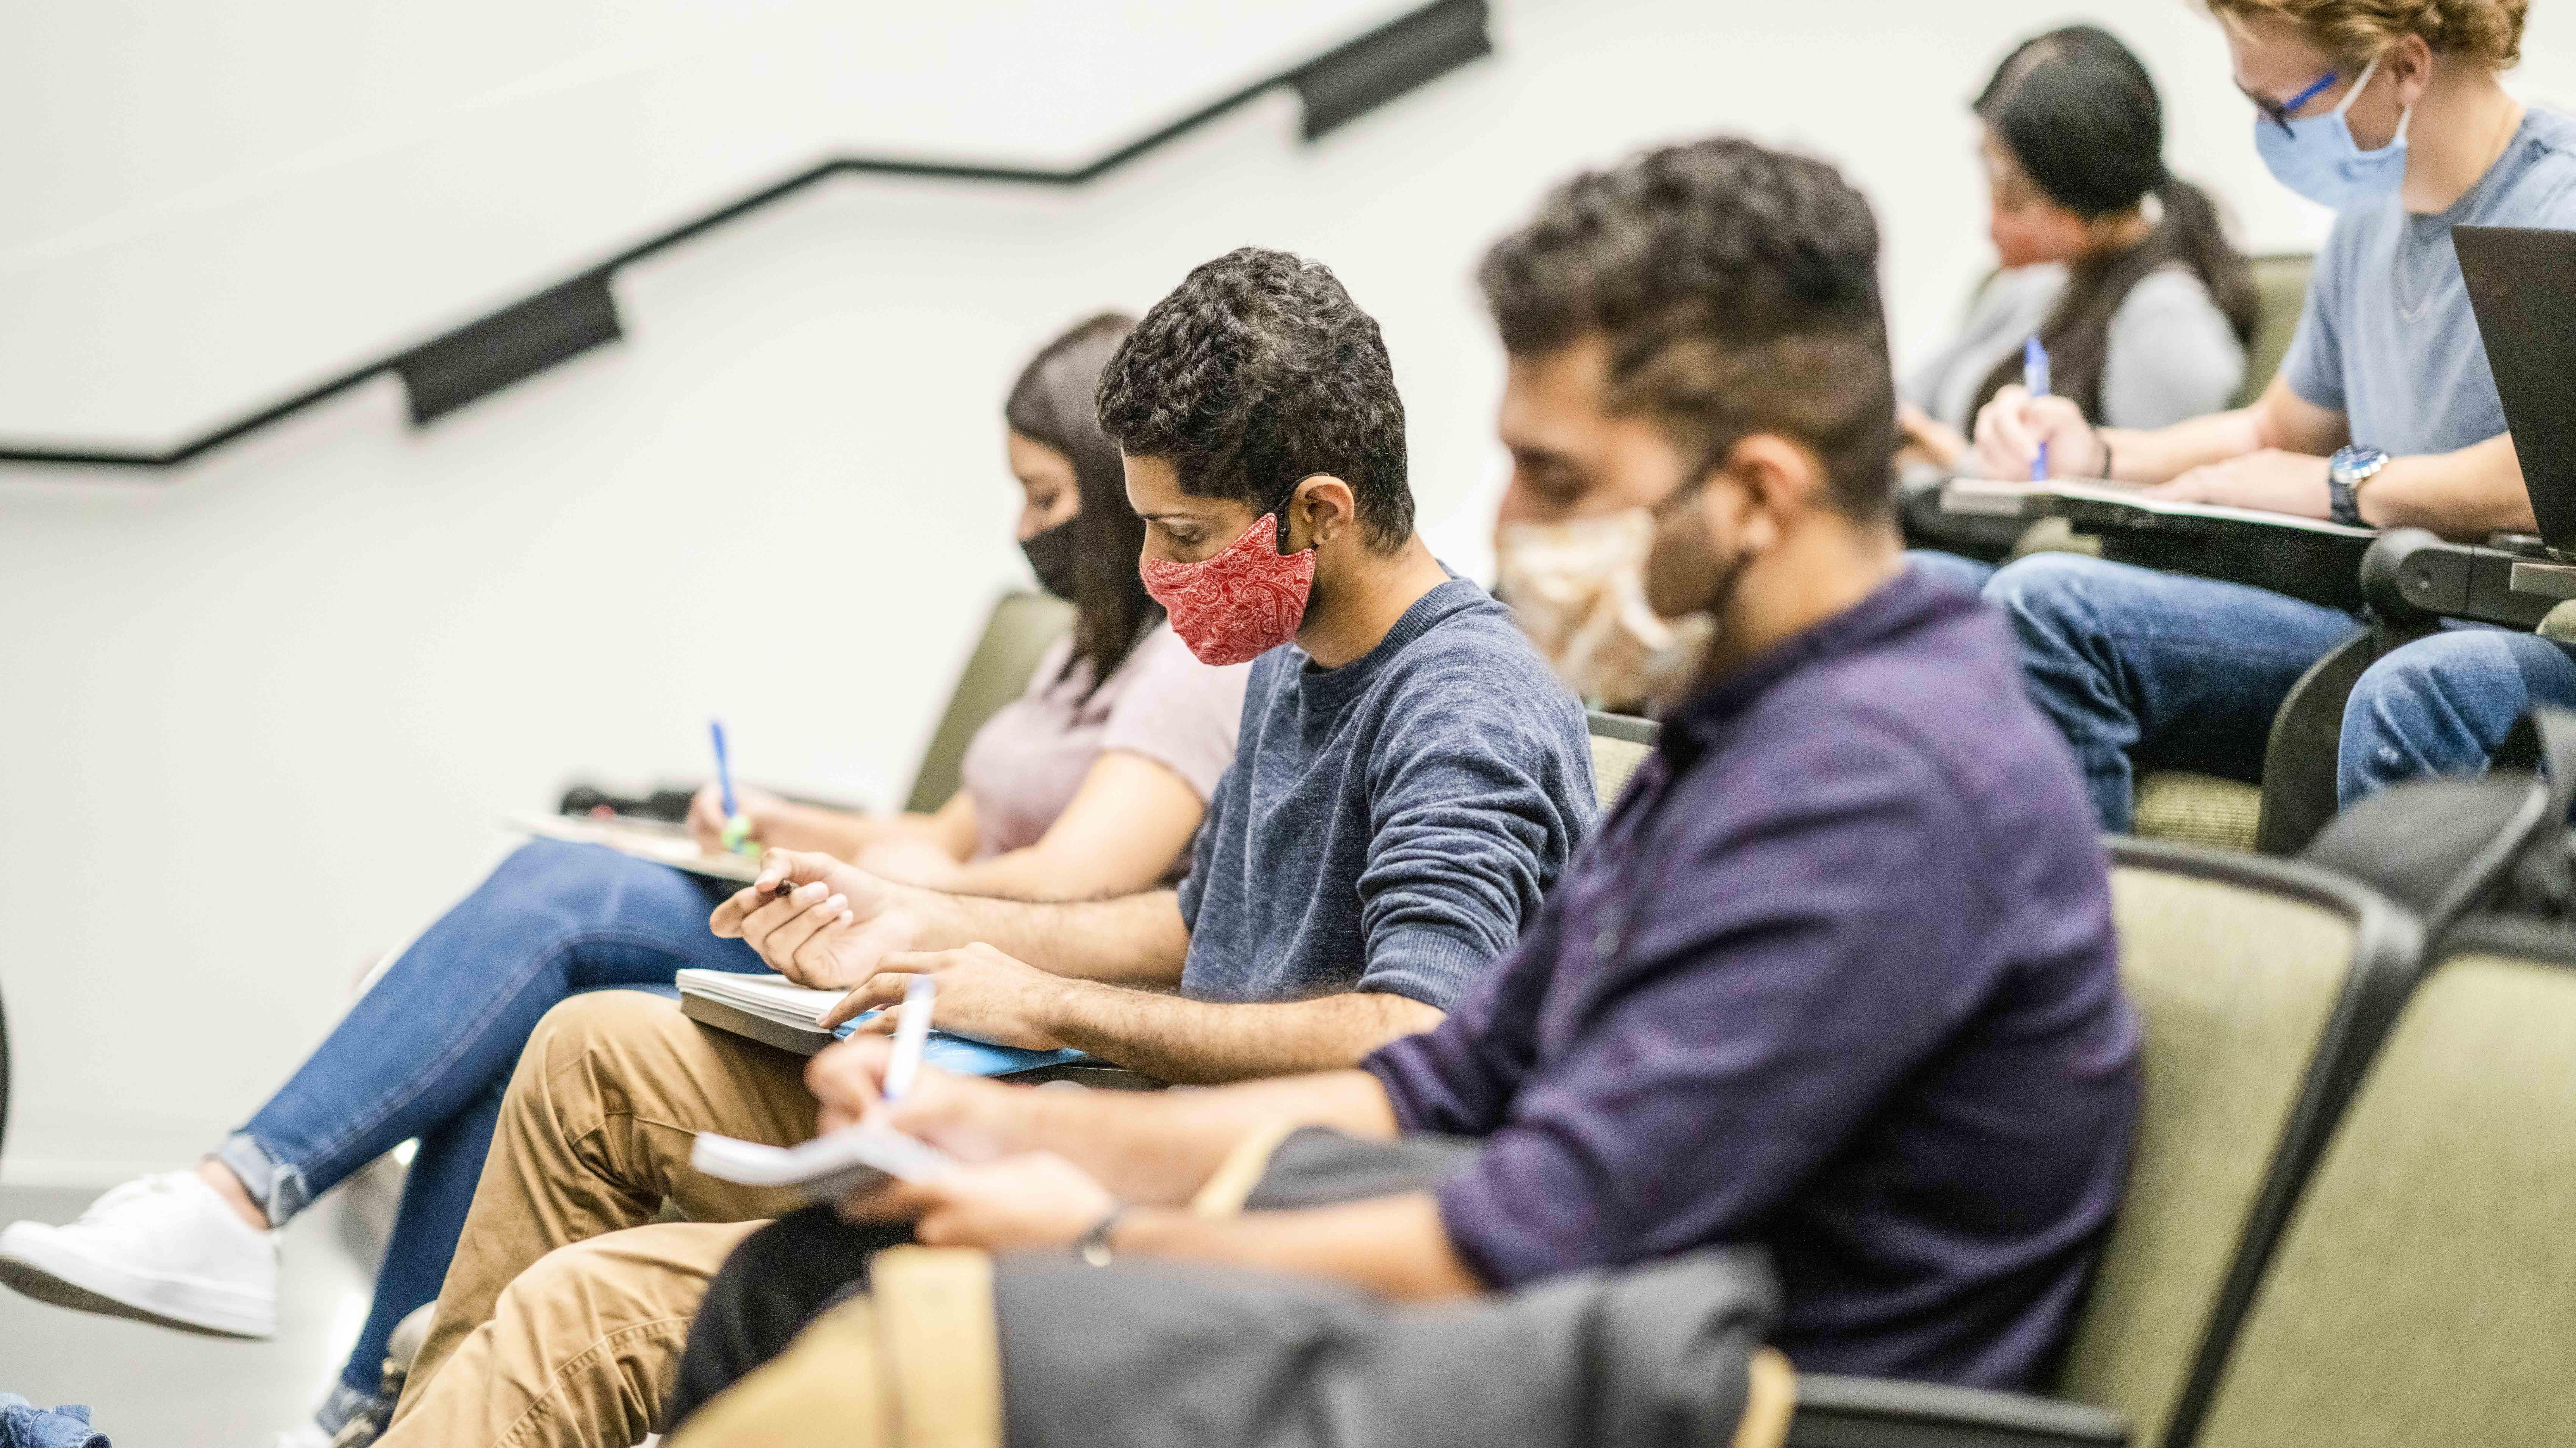 Educación híbrida: universidades apuntan a dejar todo listo para la semipresencialidad en el 2022